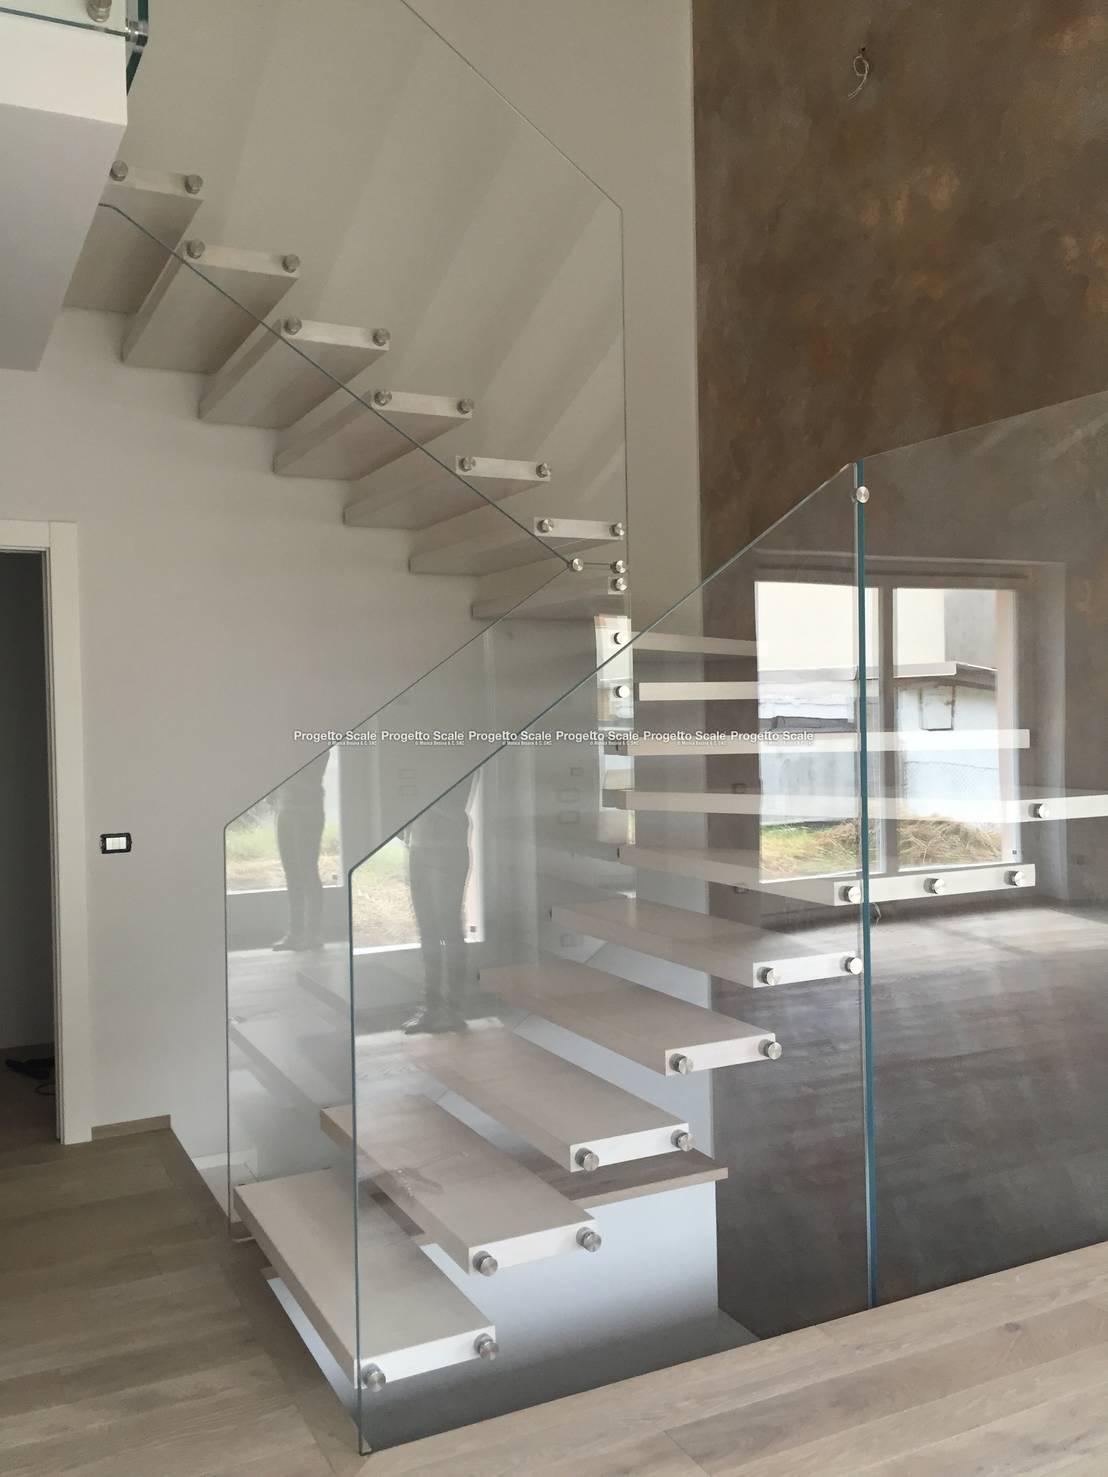 Scala a sbalzo parapetti in cristallo di progetto scale di monica besana c snc homify - Progetto scale interne ...